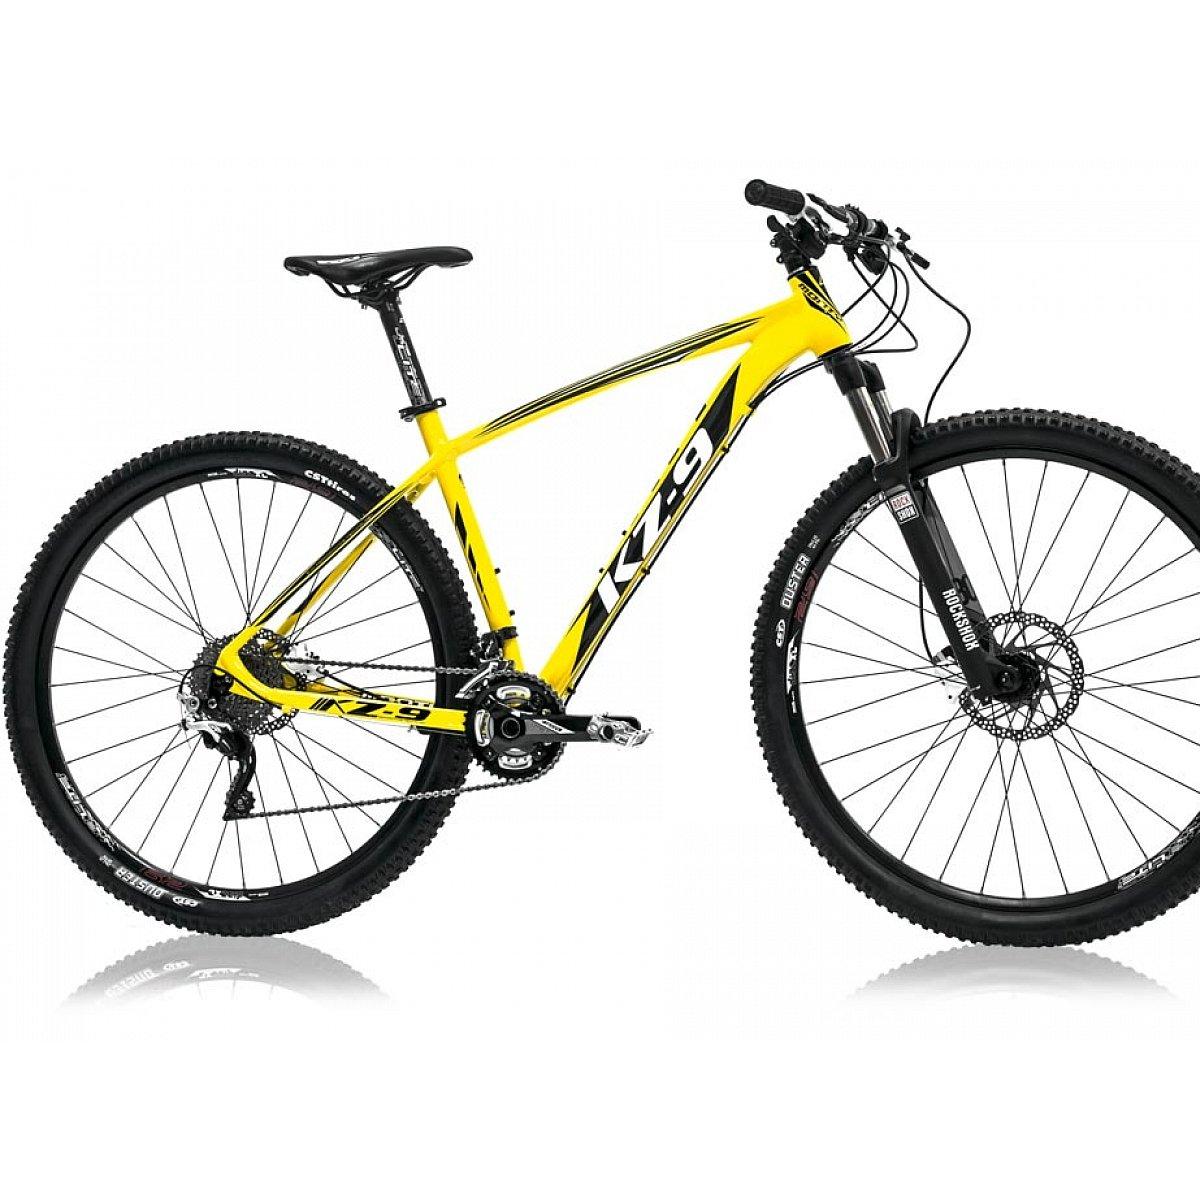 Monty KZ9 - Bicicleta de montaña, Color Negro/Amarillo, 19